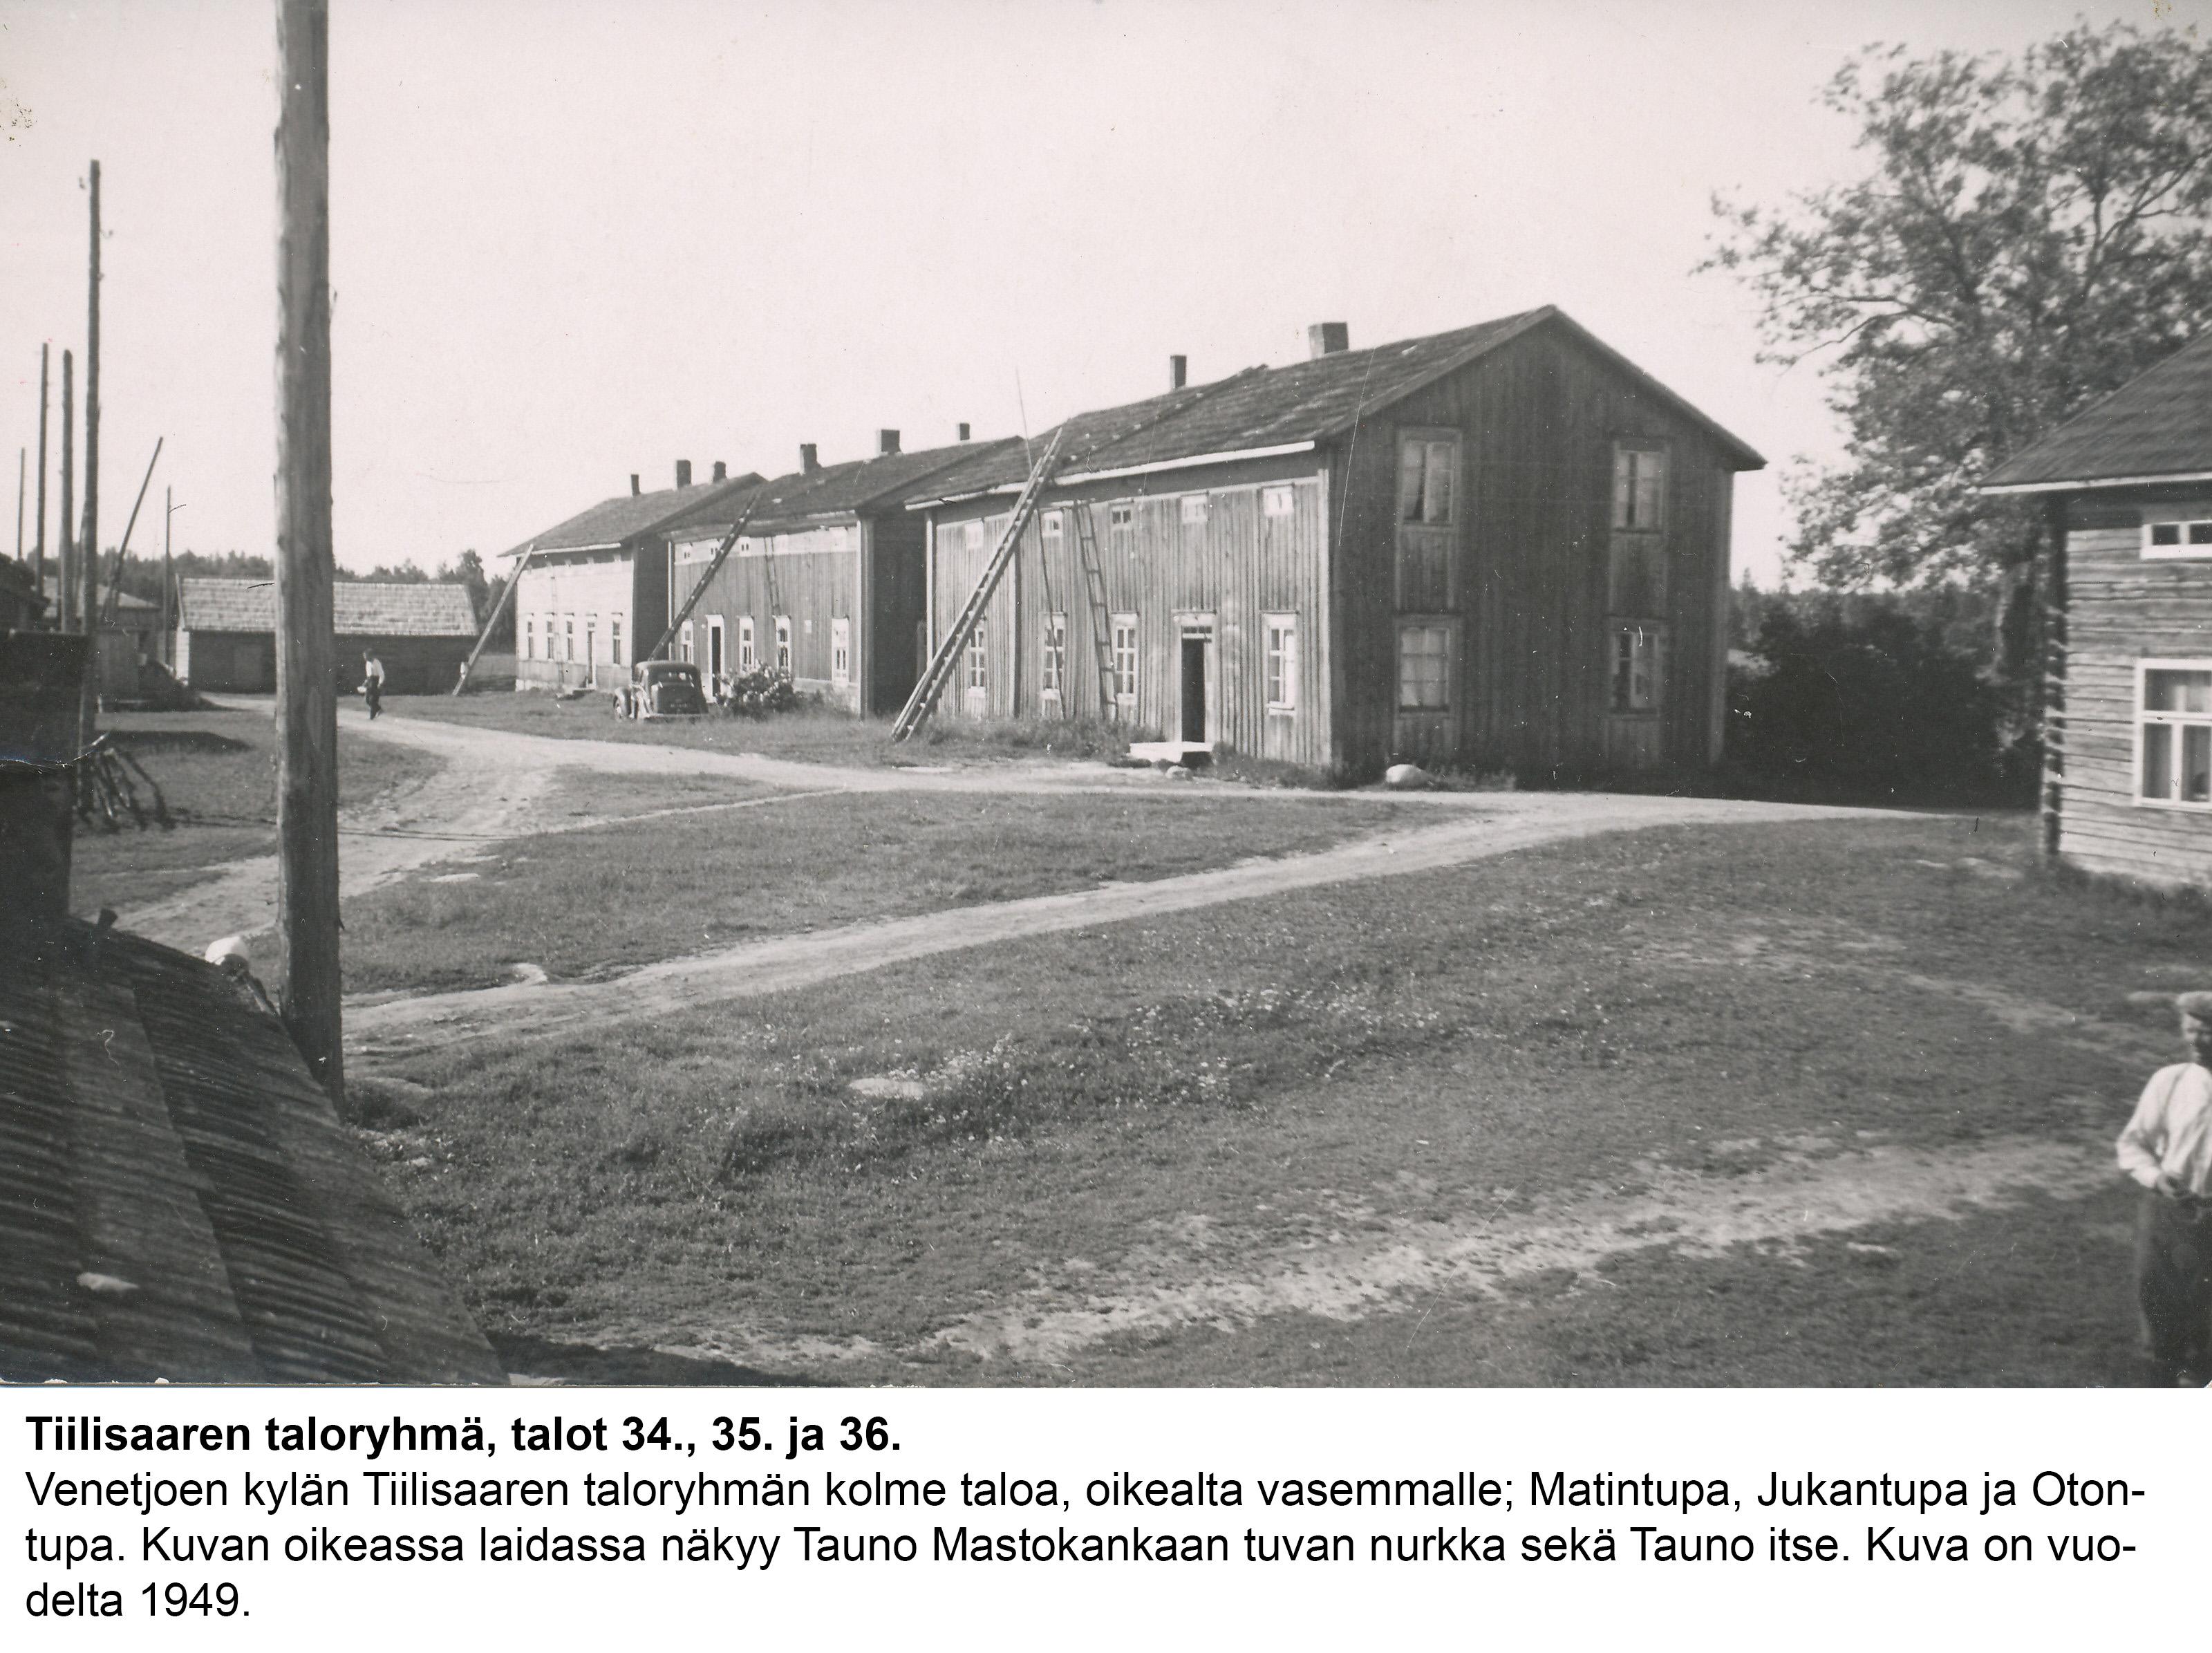 Talo 34-36 Tiilisaari